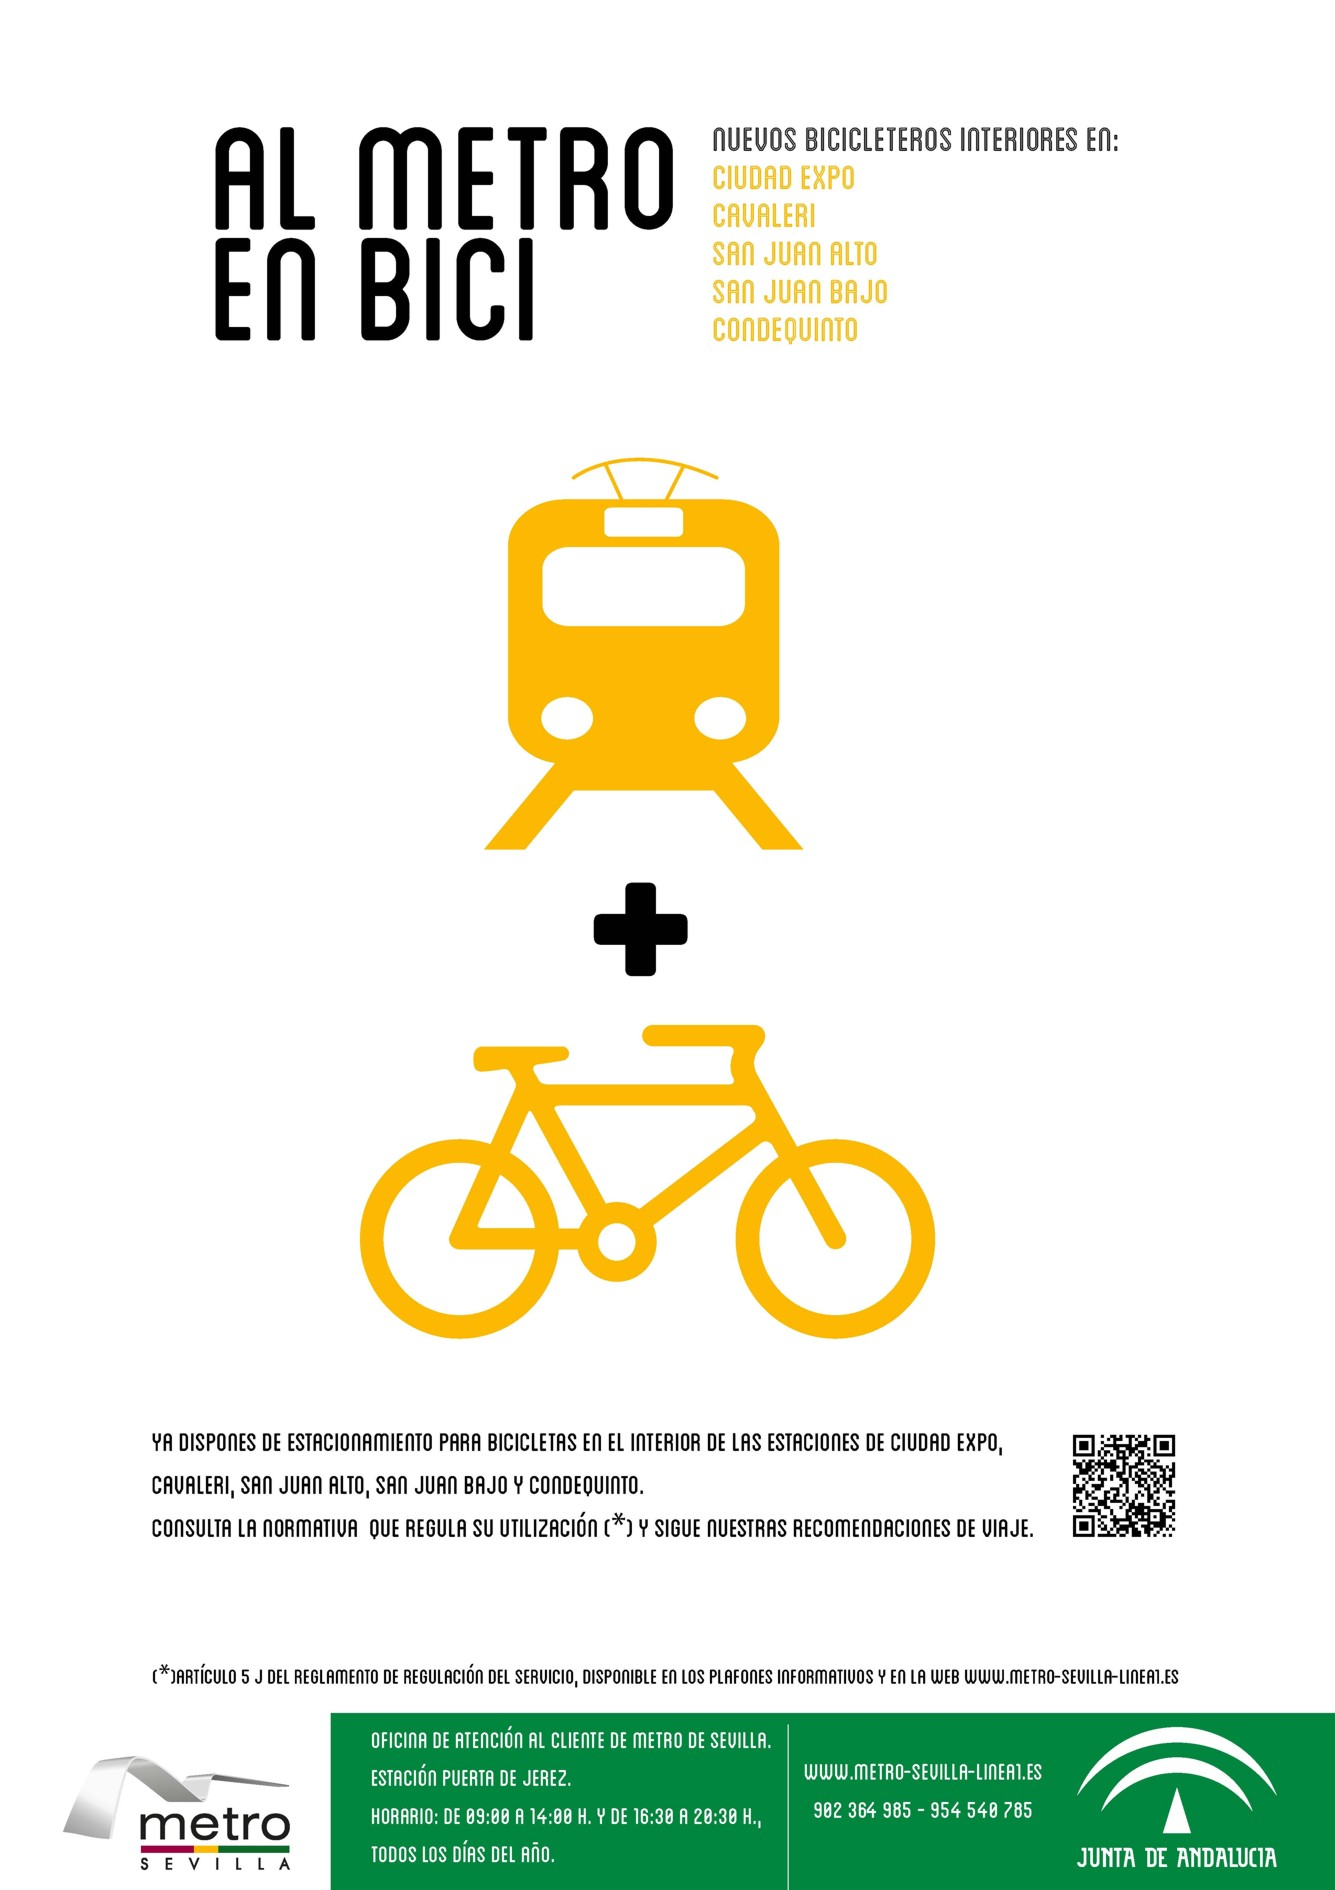 Cartel sensibilizador de la campaña AL METRO EN BICI.